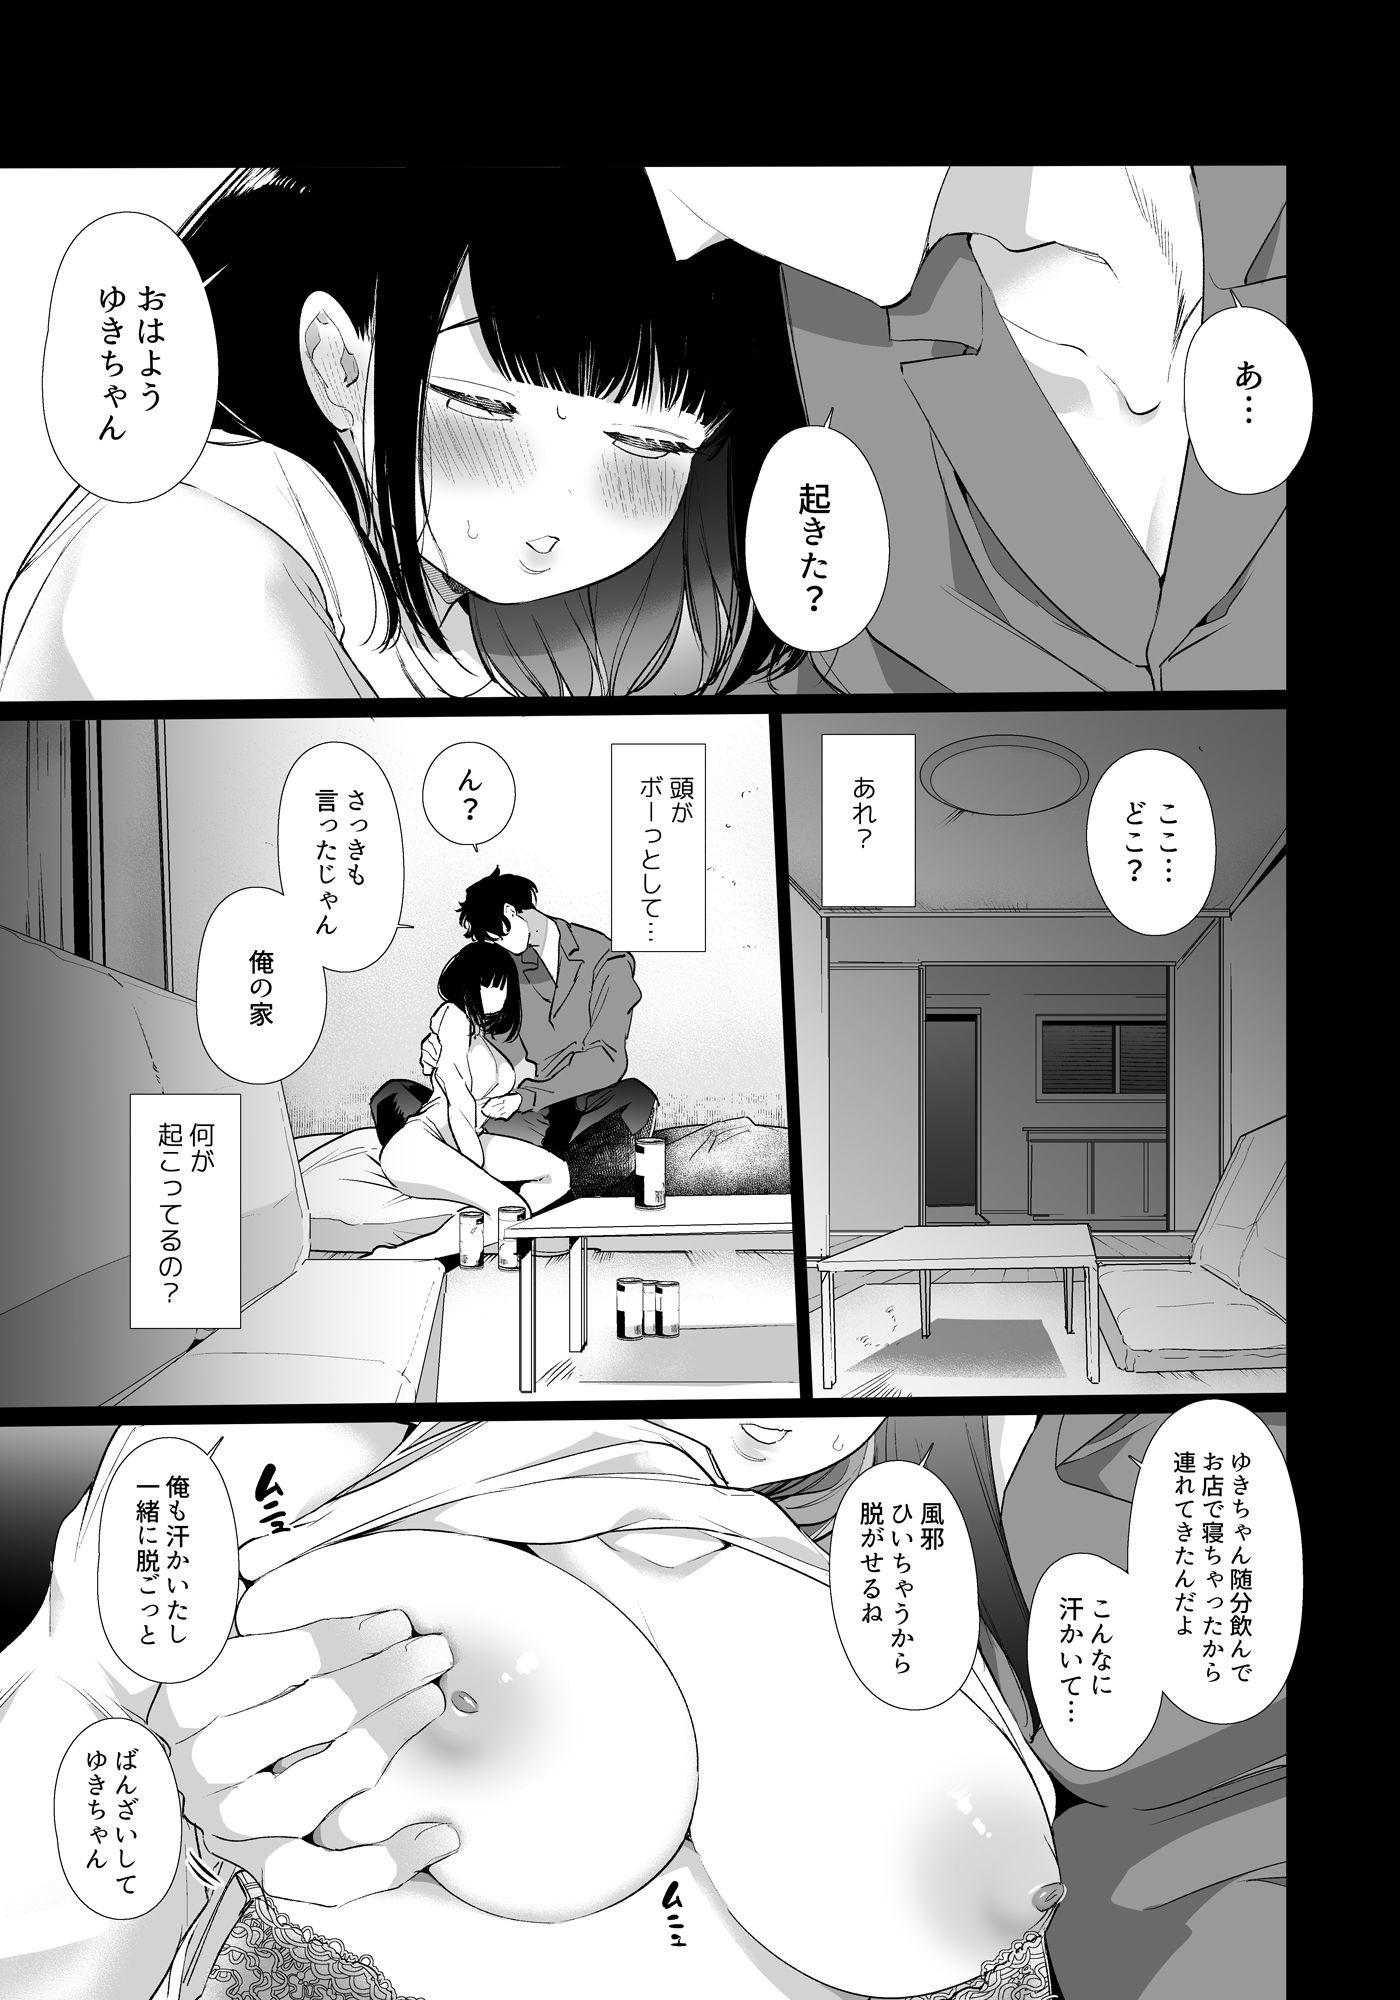 【同人コミック・エロ漫画】ゆきちゃんNTR 彼女がメスに堕ちるまで[Yatomomin]#5